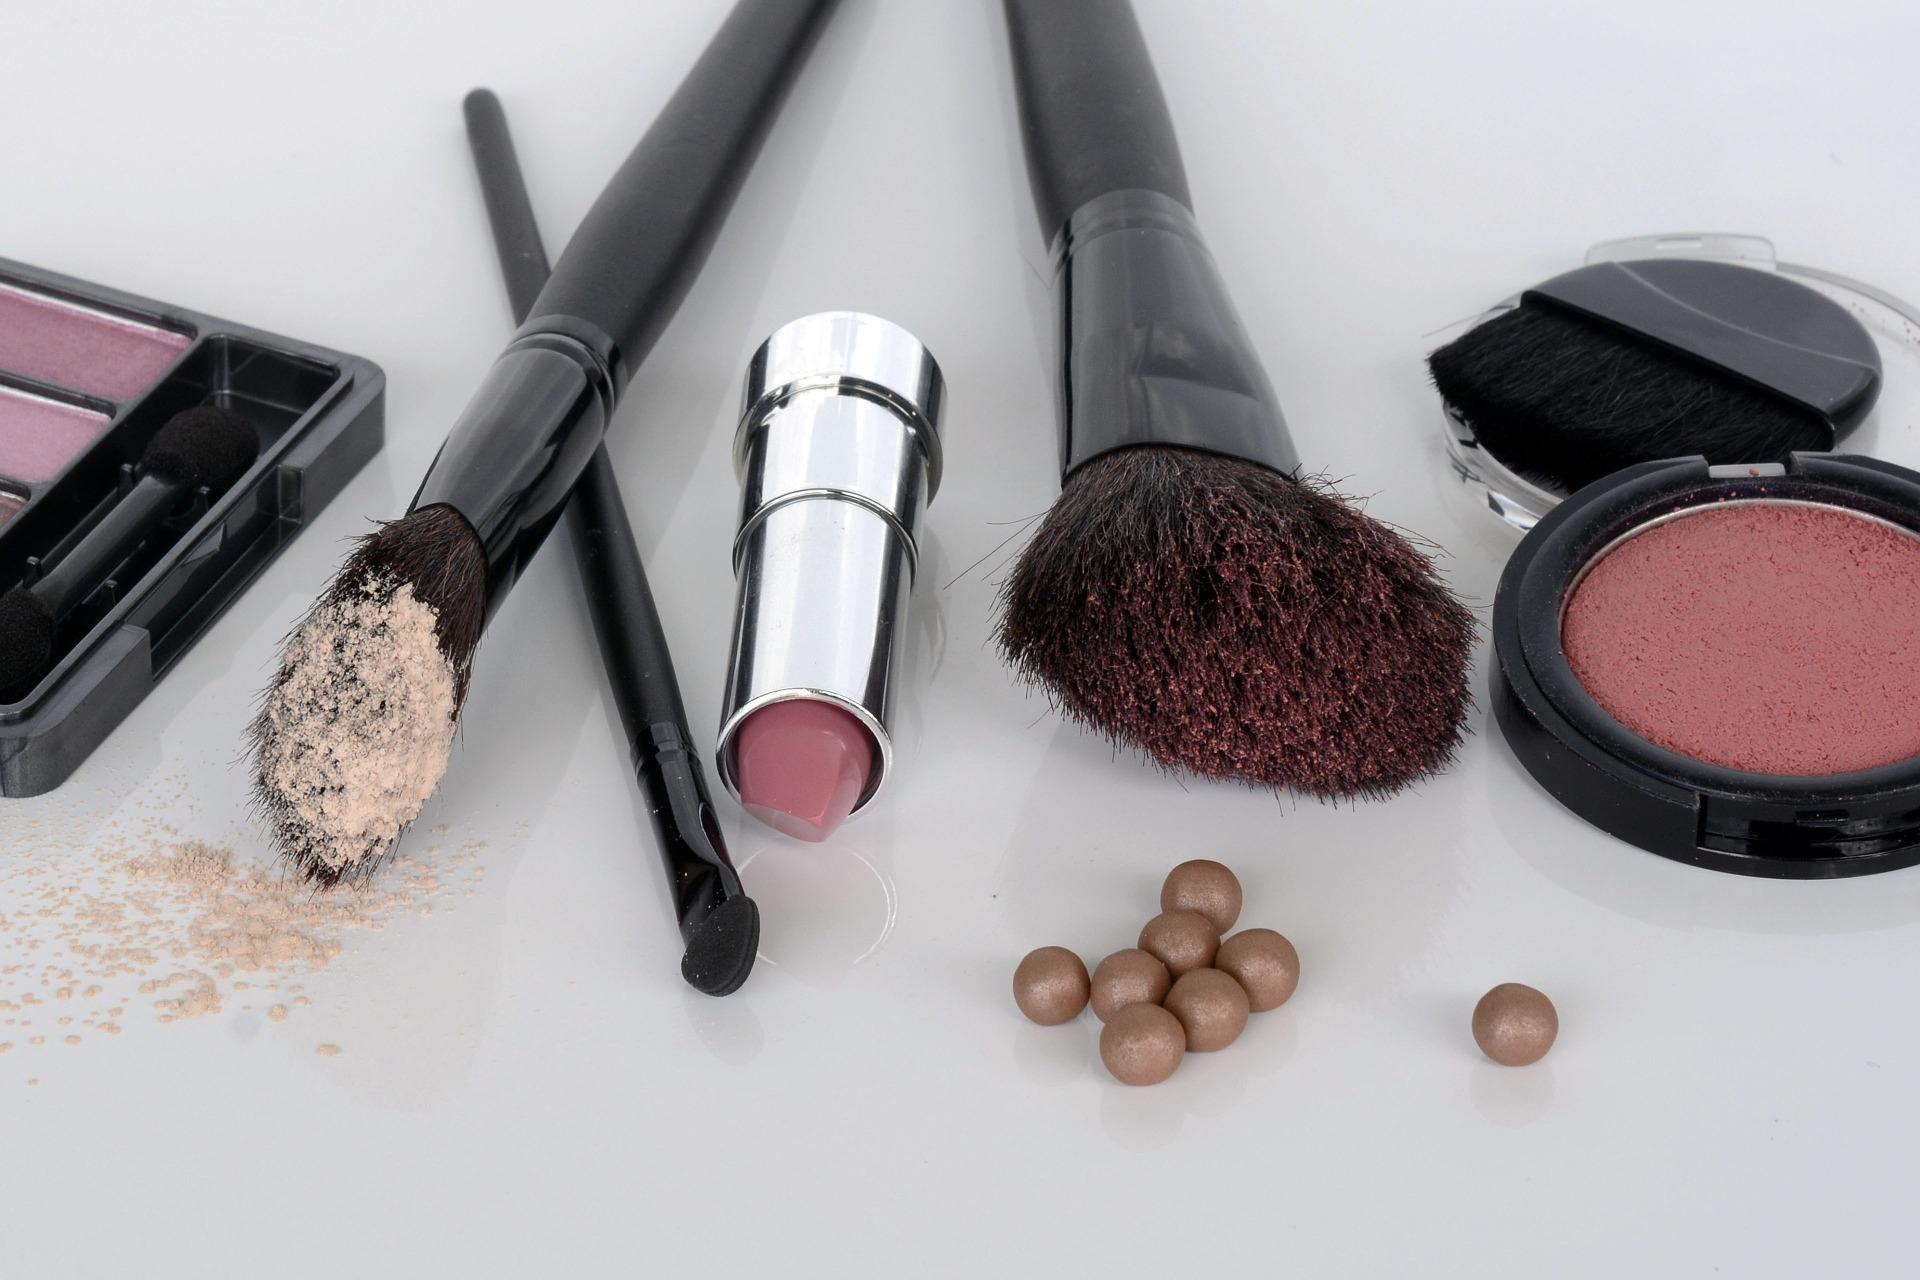 Cosmetics 1367779 1920